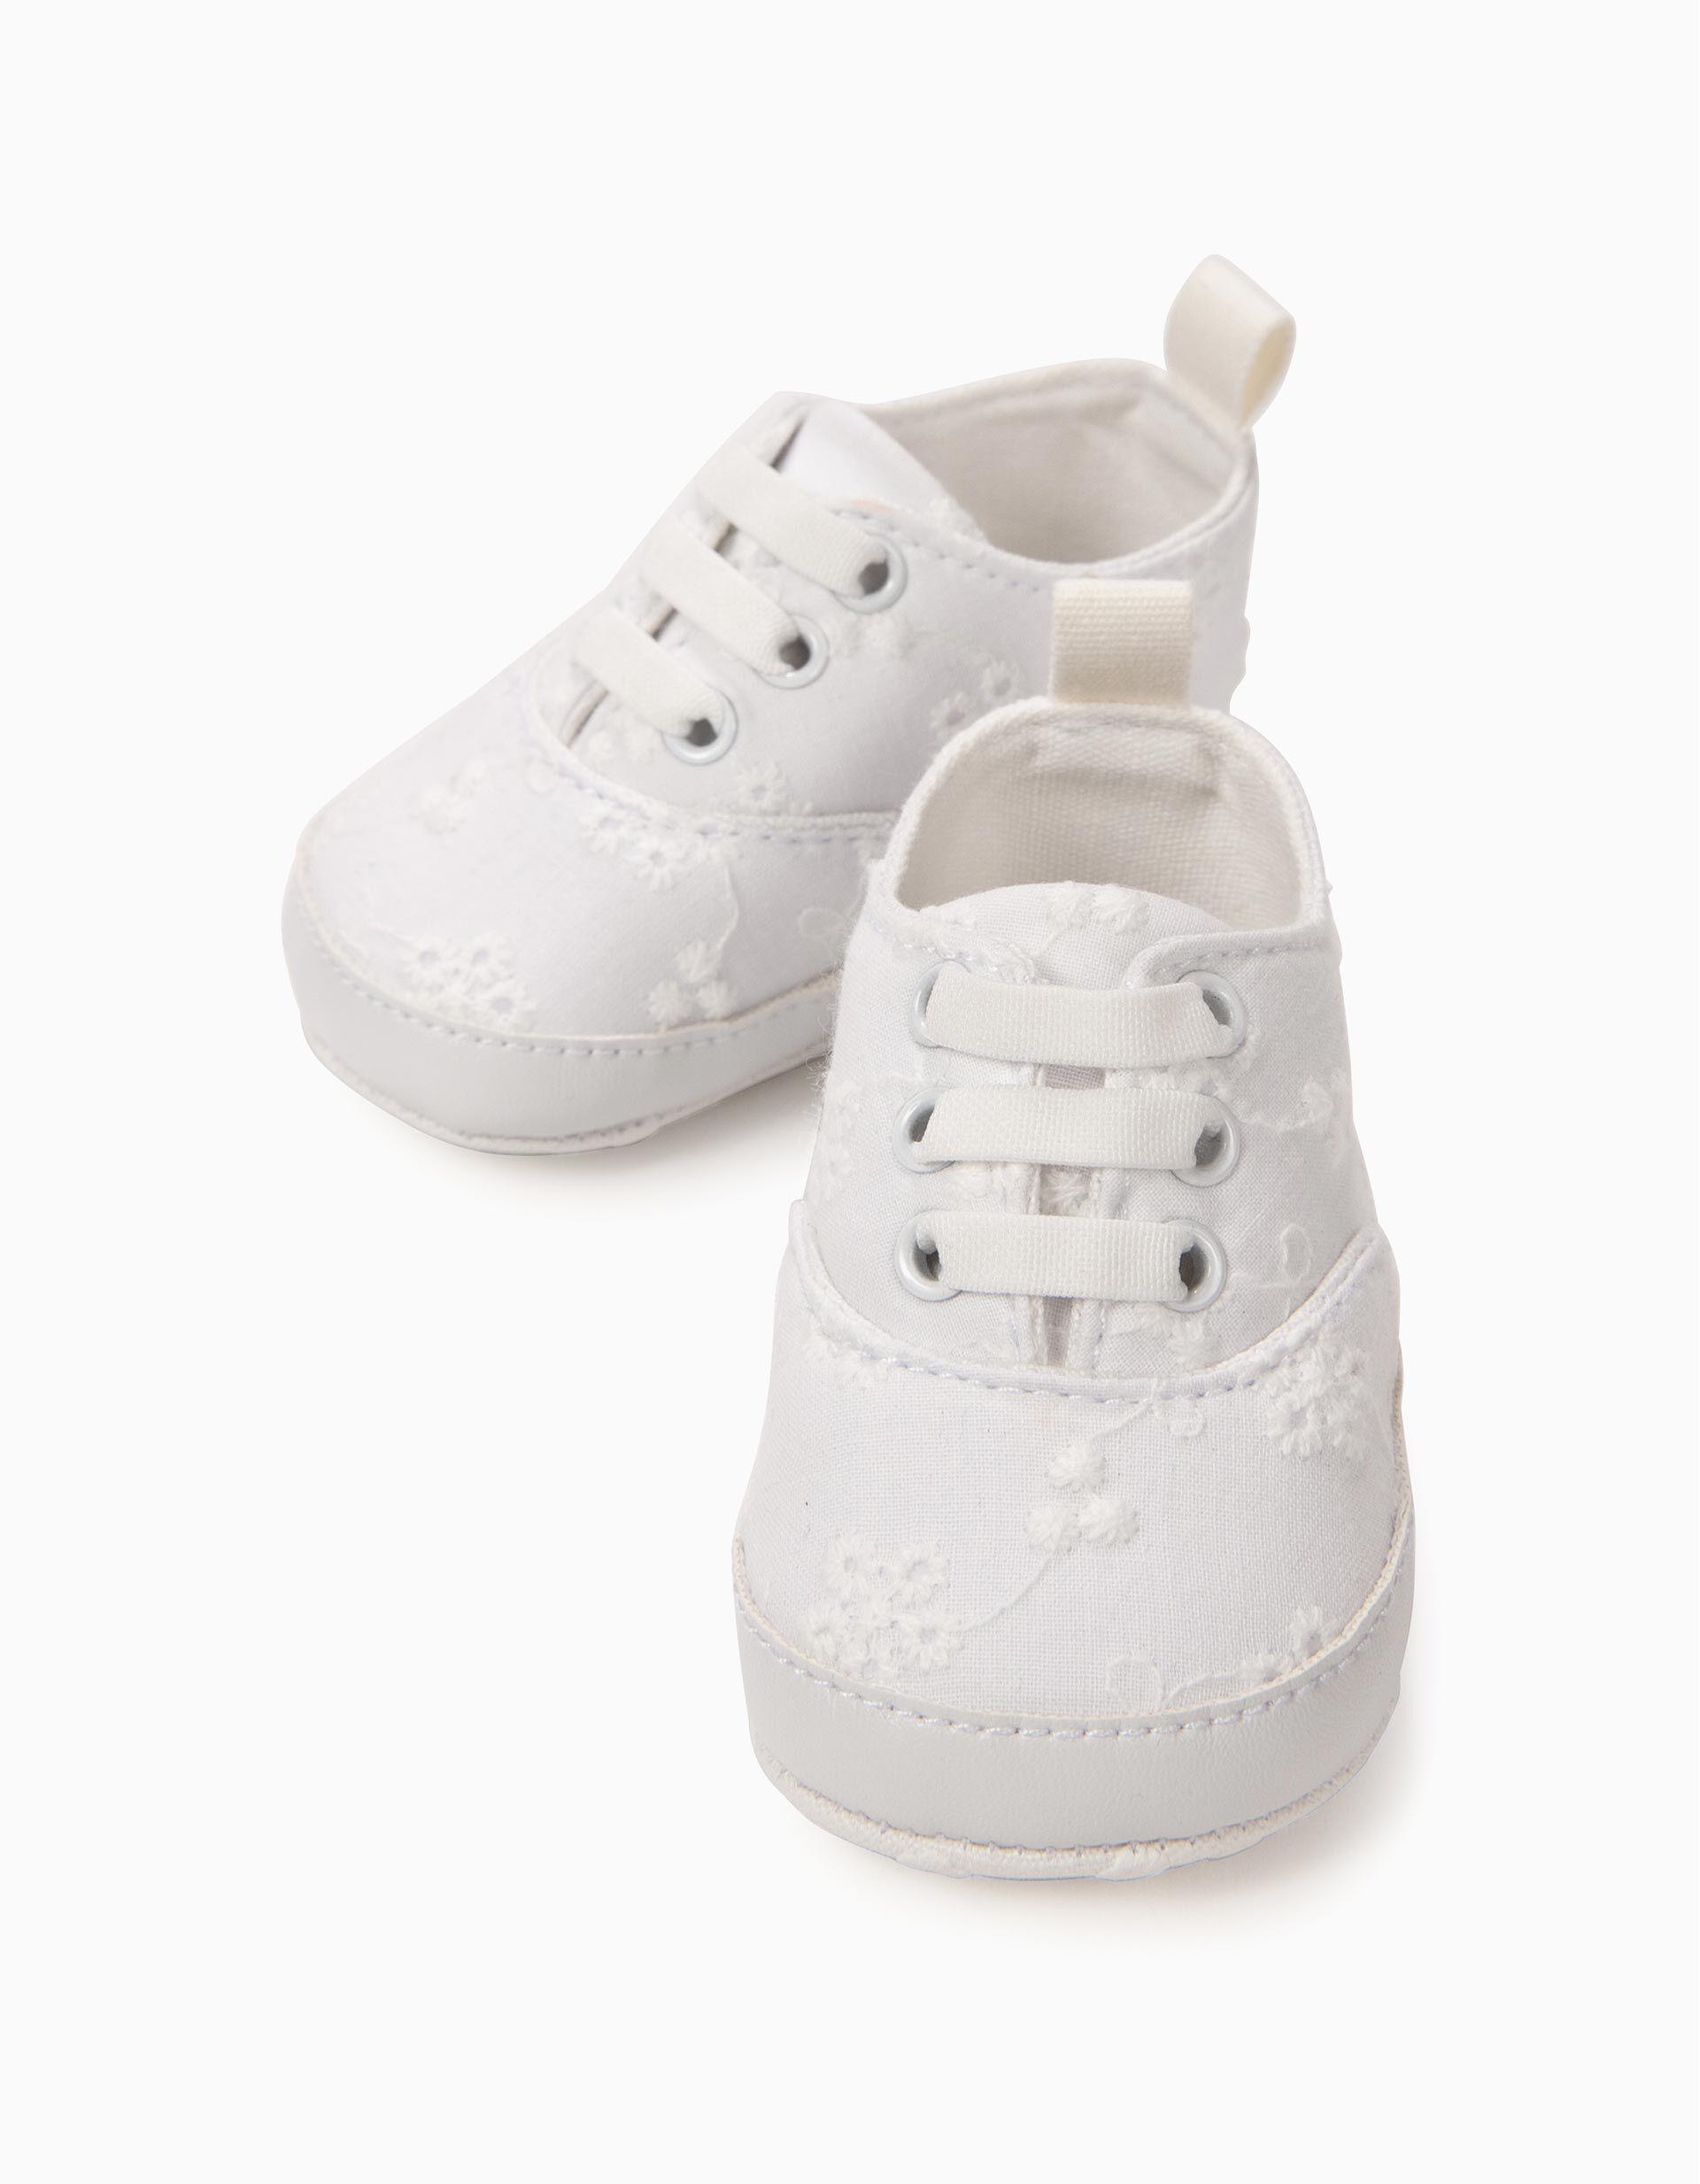 Sapatilhas Bordadas para Recém Nascida, Branco